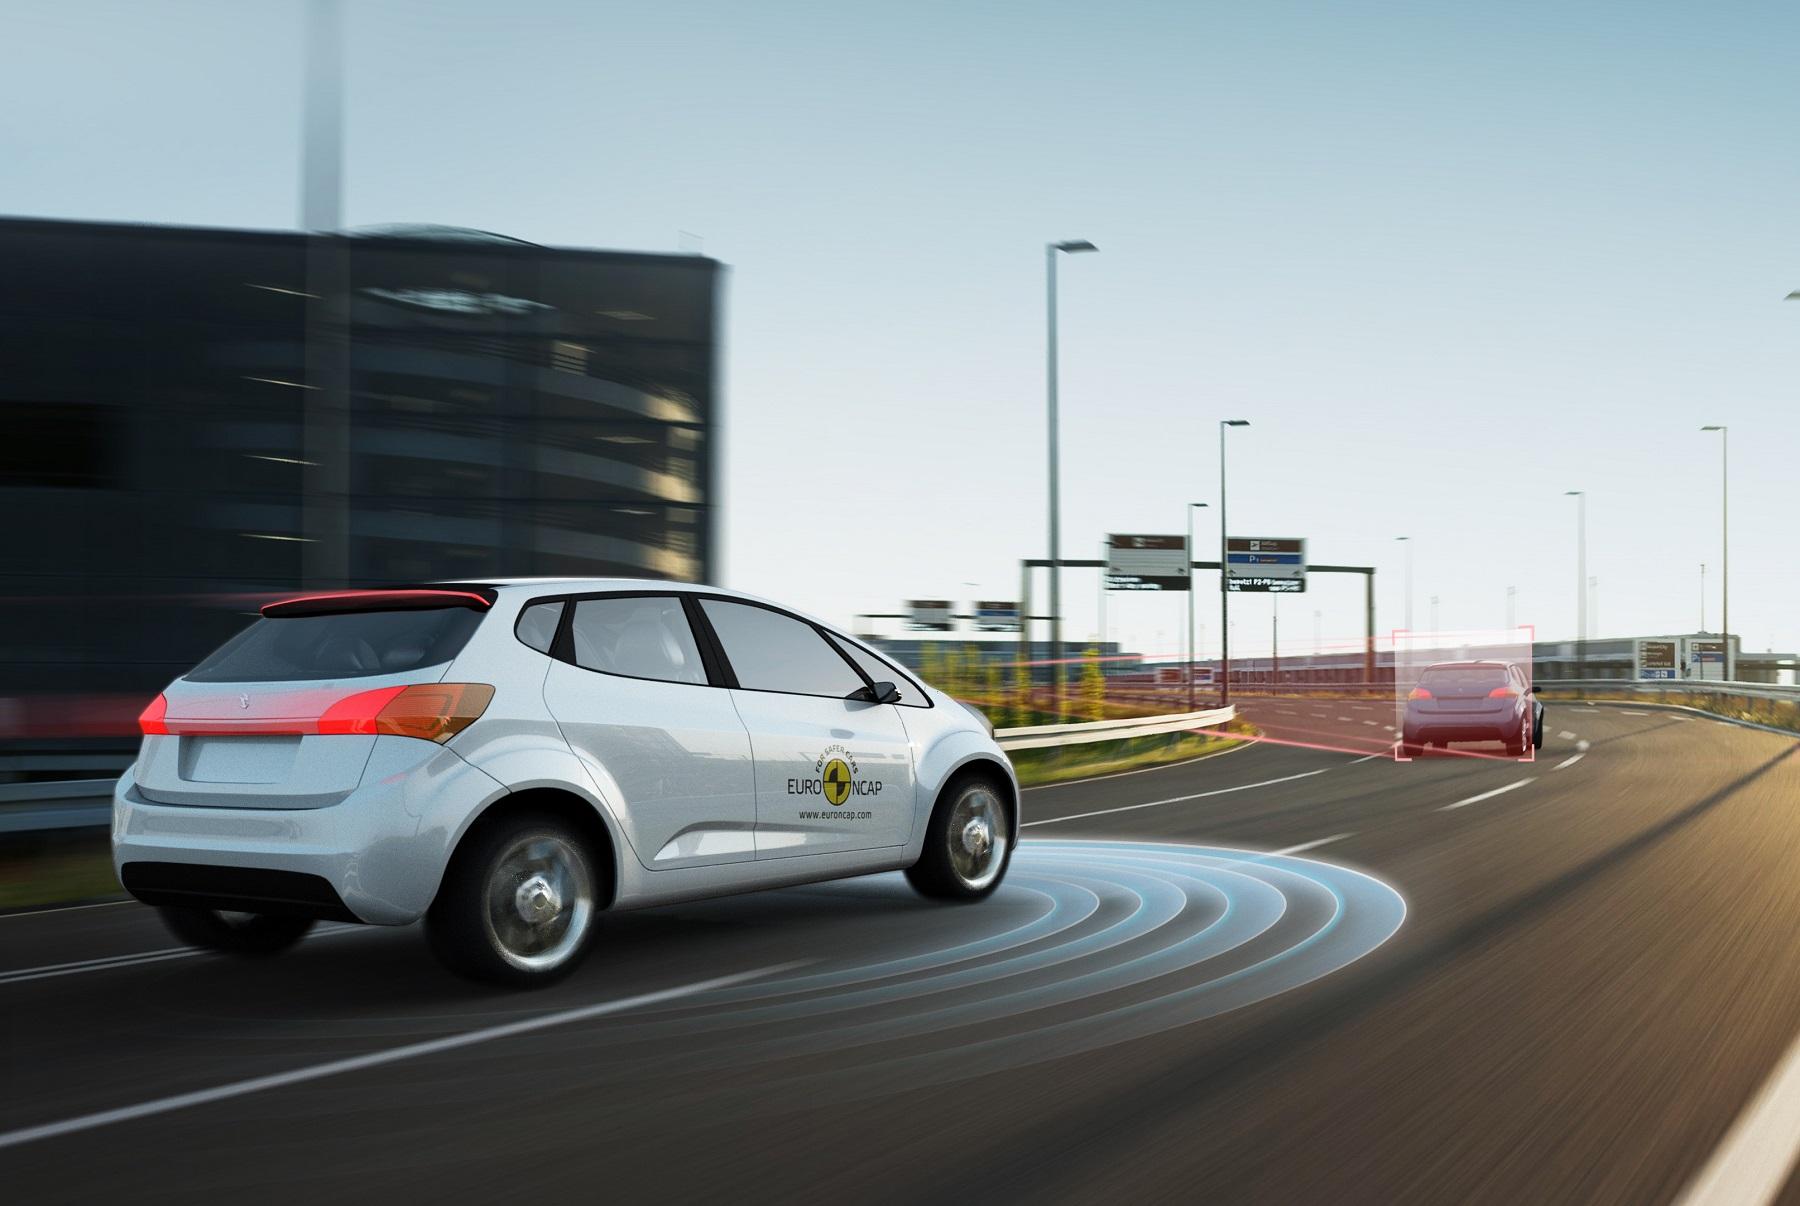 Euro NCAP hodnotilo asistentov jazdy po diaľnici, Tesla sa nevyznamenala